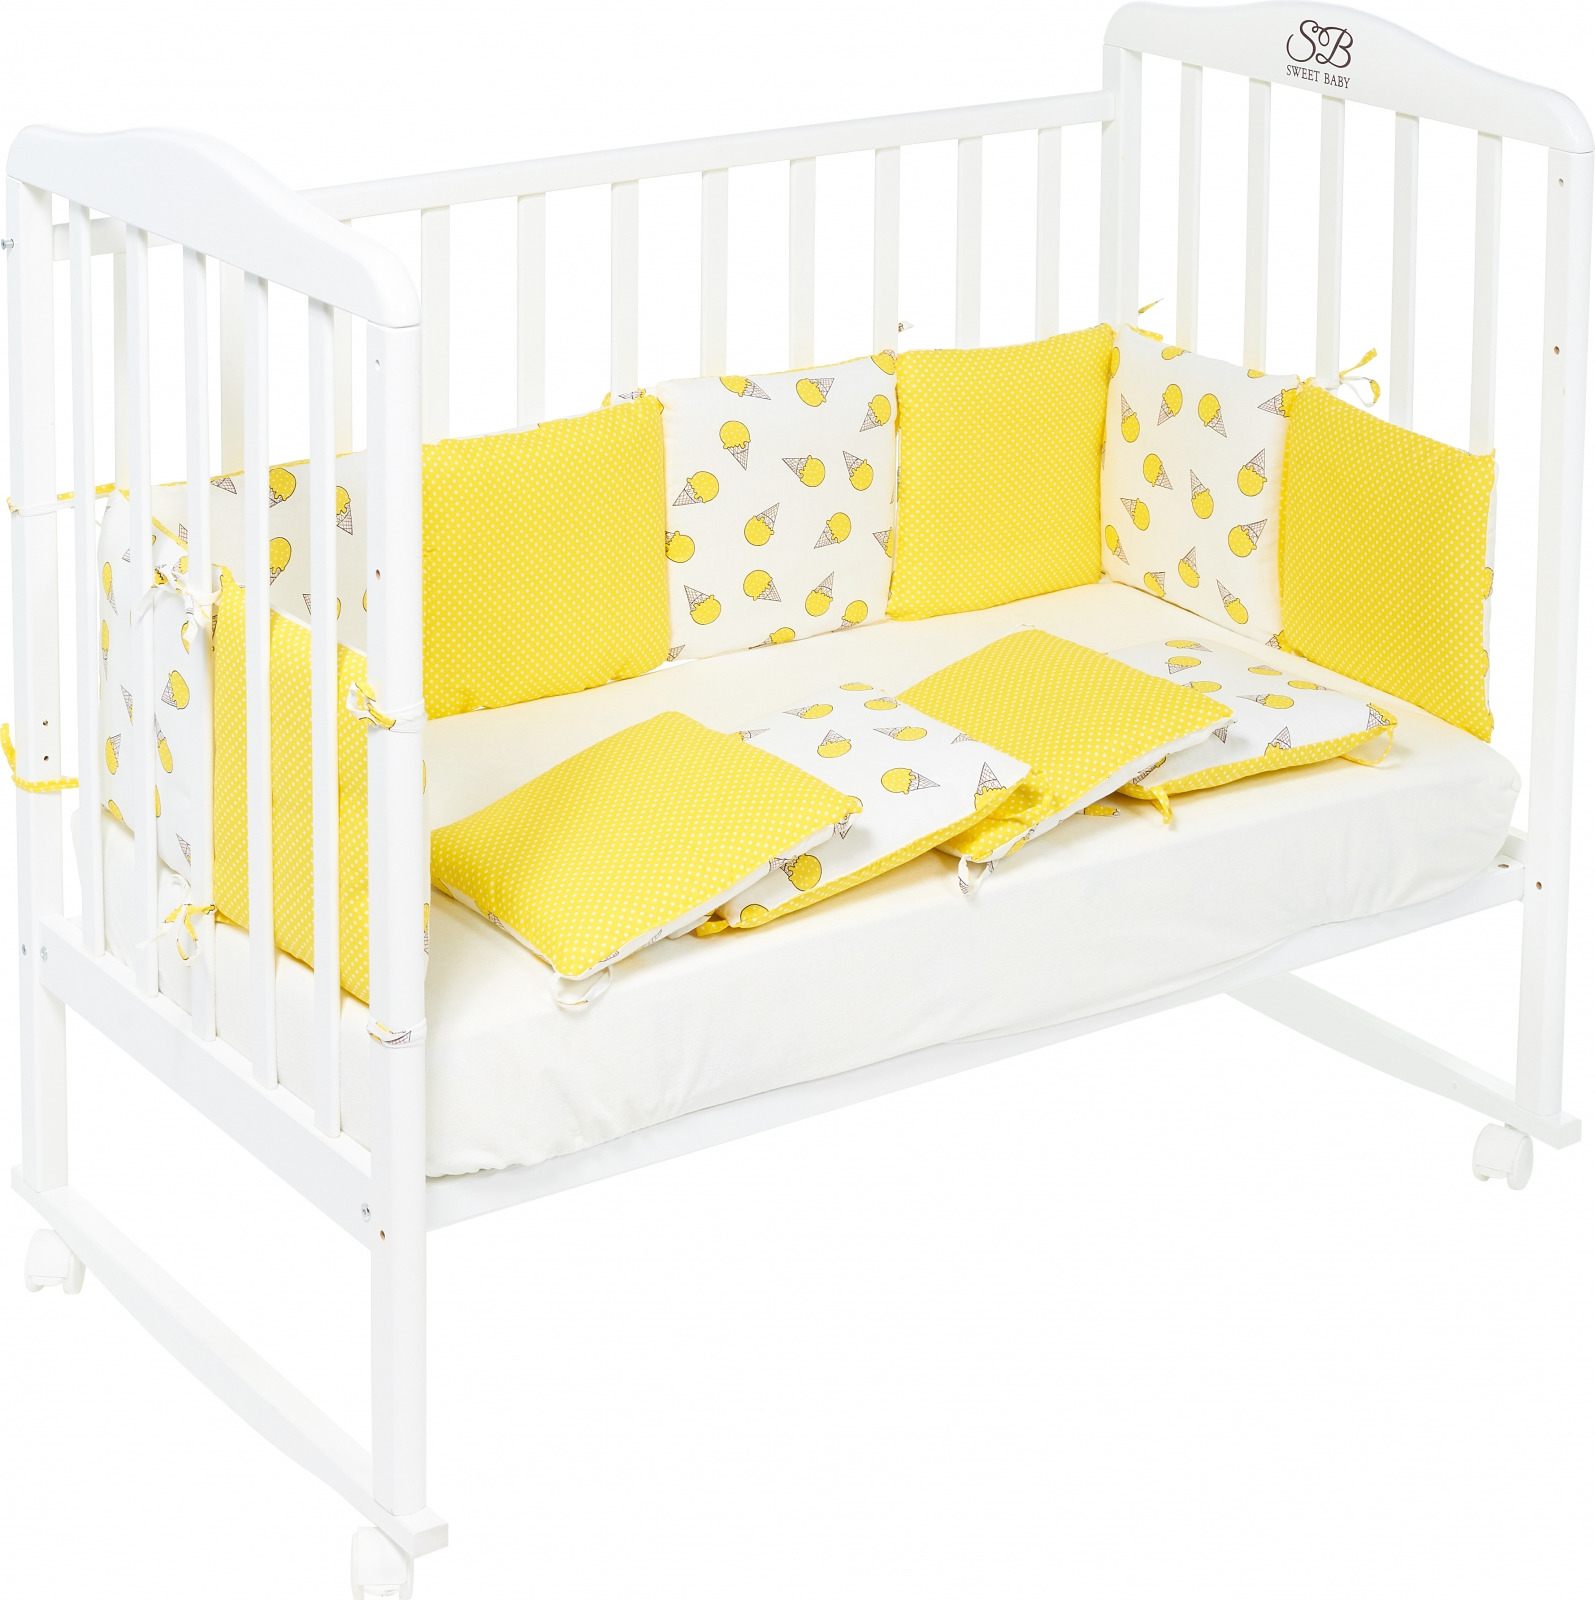 Бортики в кроватку Sweet Baby Gelato,желтый, 12 частей комплекты в кроватку makkaroni kids sweet baby 125x65 6 предметов